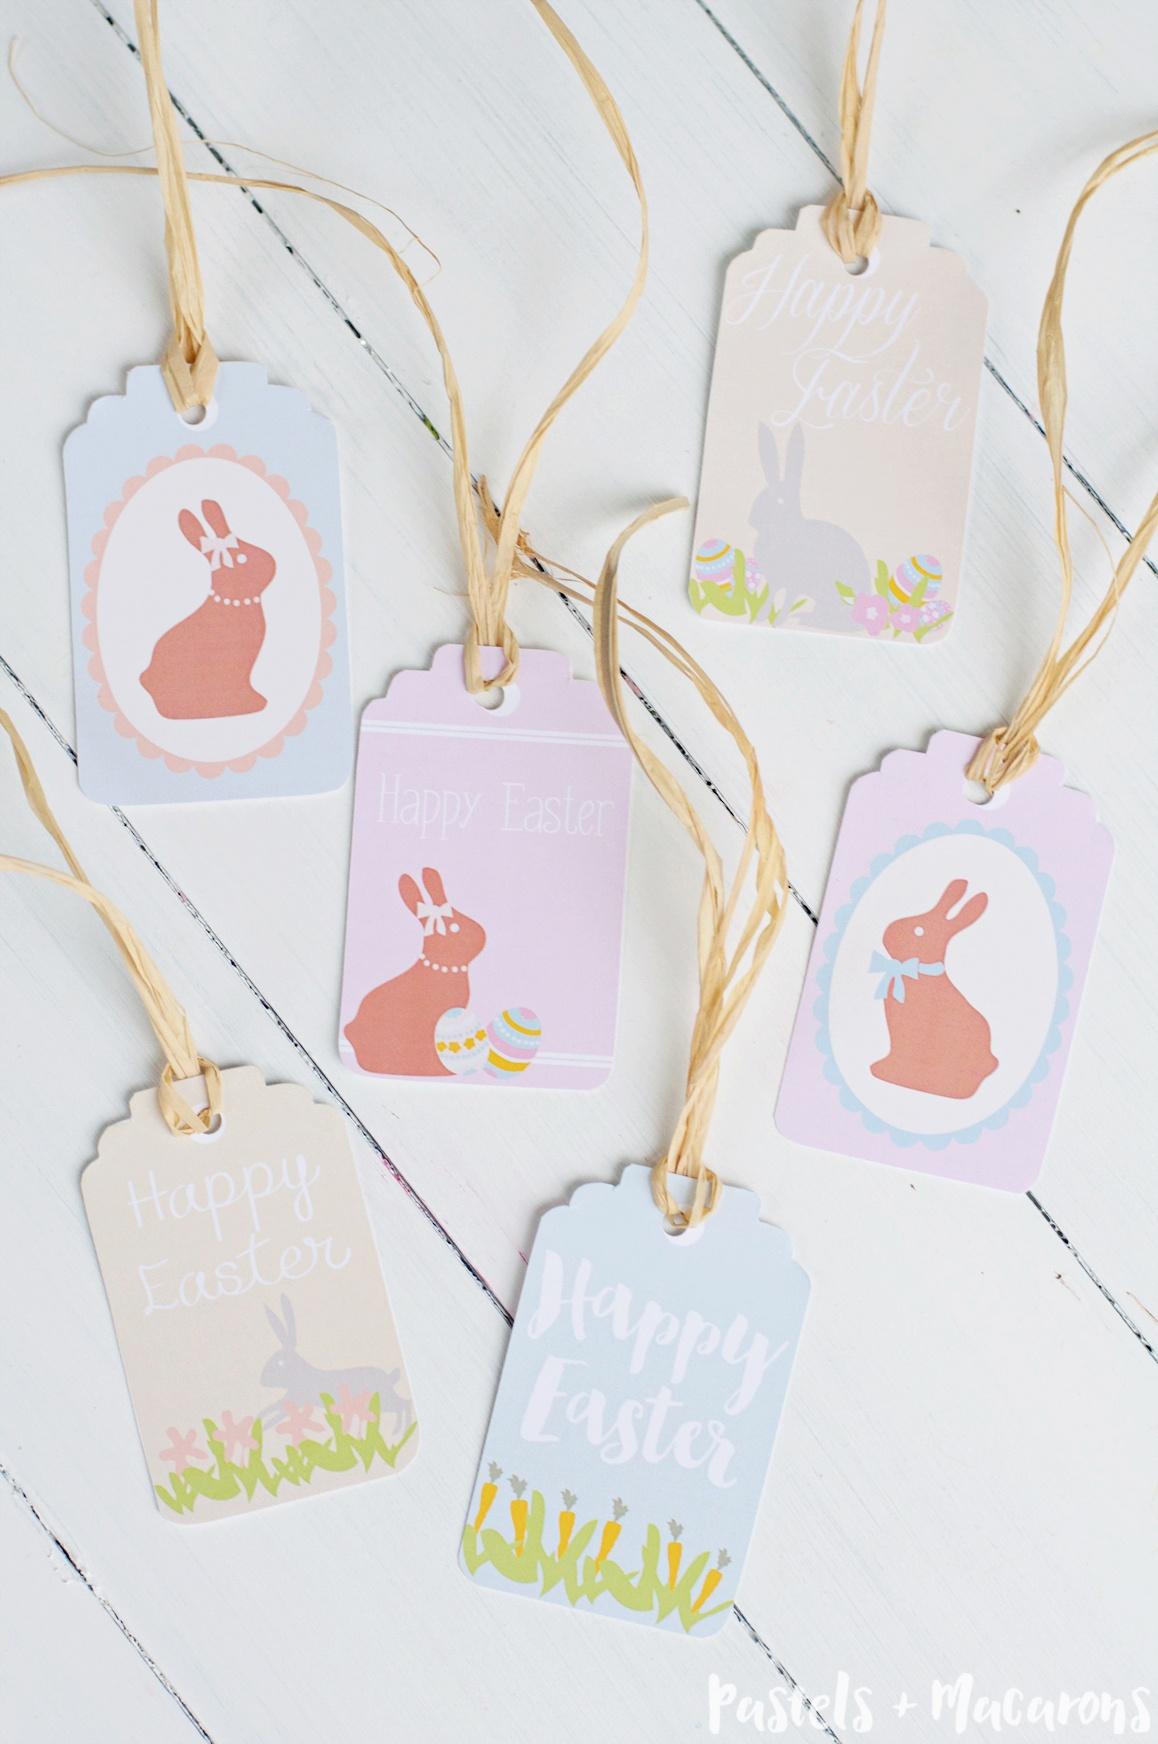 Free Printable Easter Gift Tags - Free Printable Tags